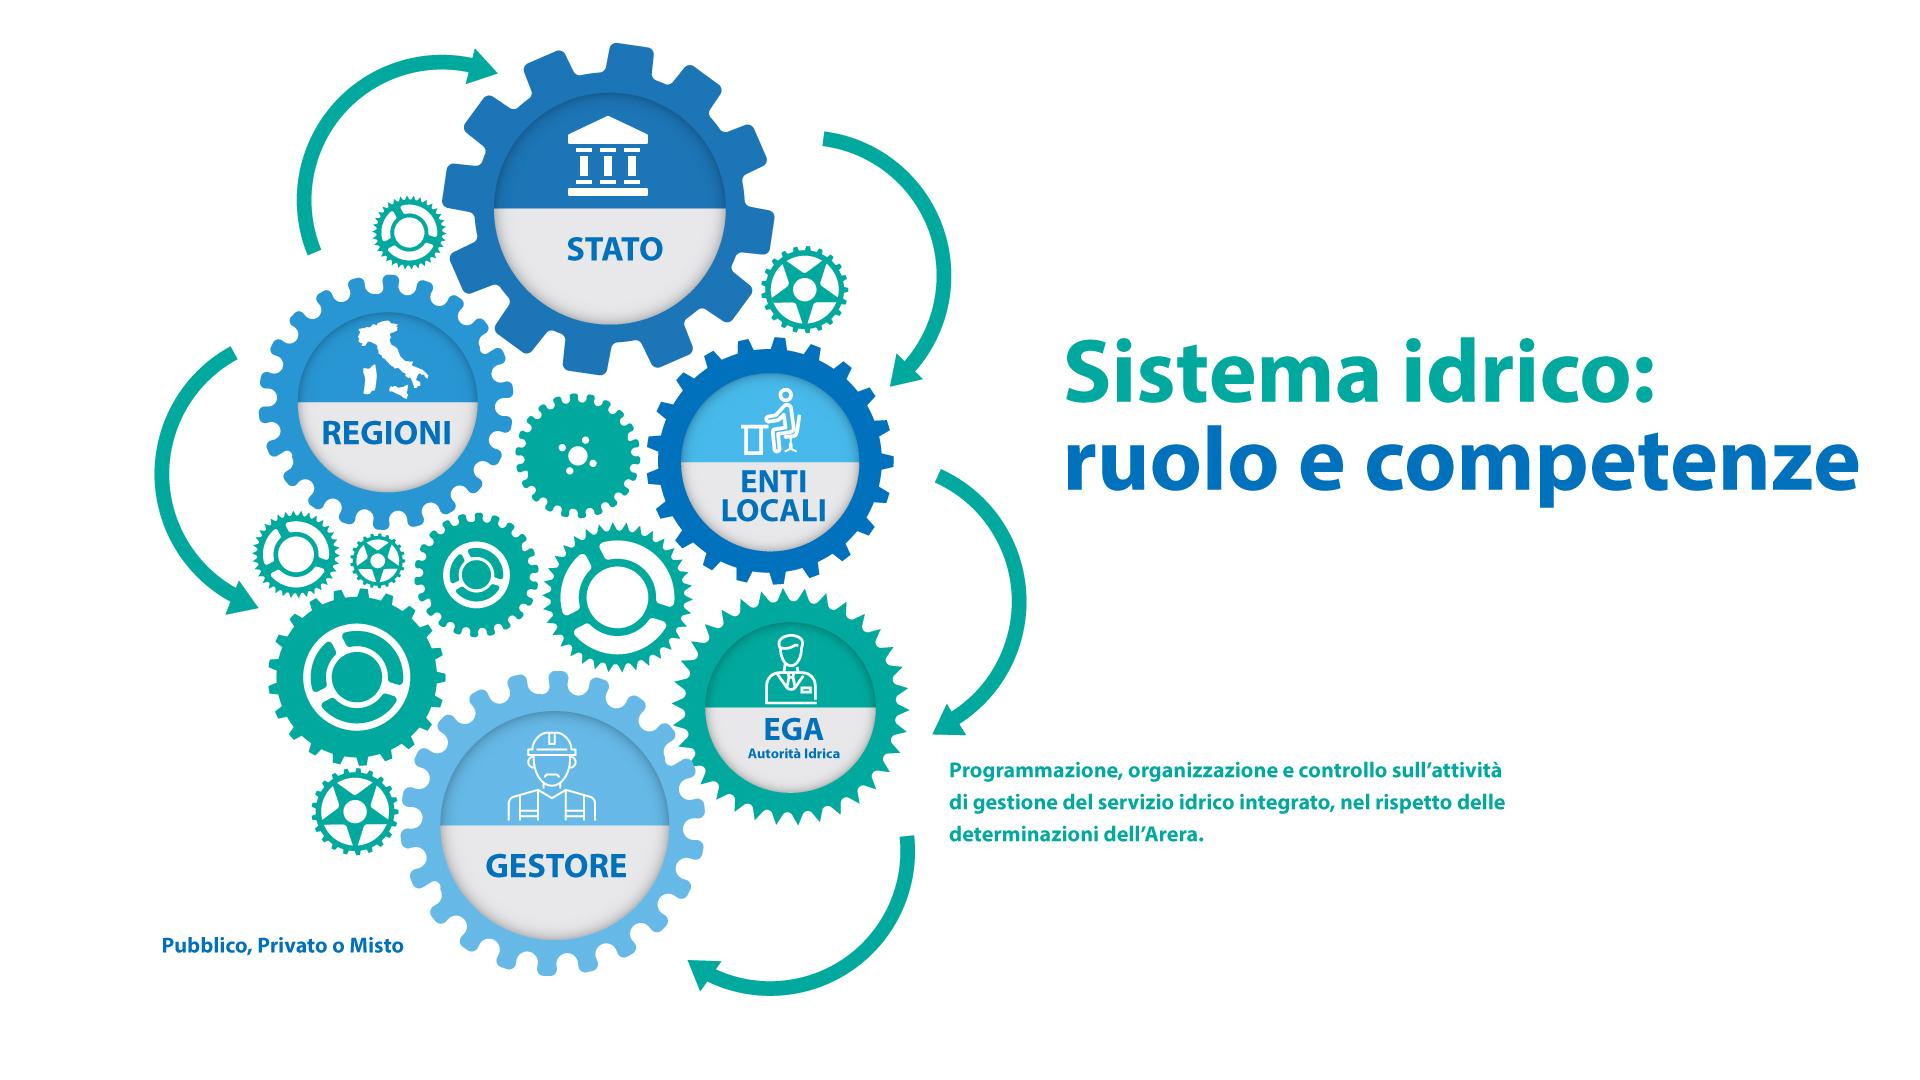 sistema idrico ruolo delle competenze servizio idrico integrato calabria Le competenze del servizio idrico integrato Ruolo e competenze